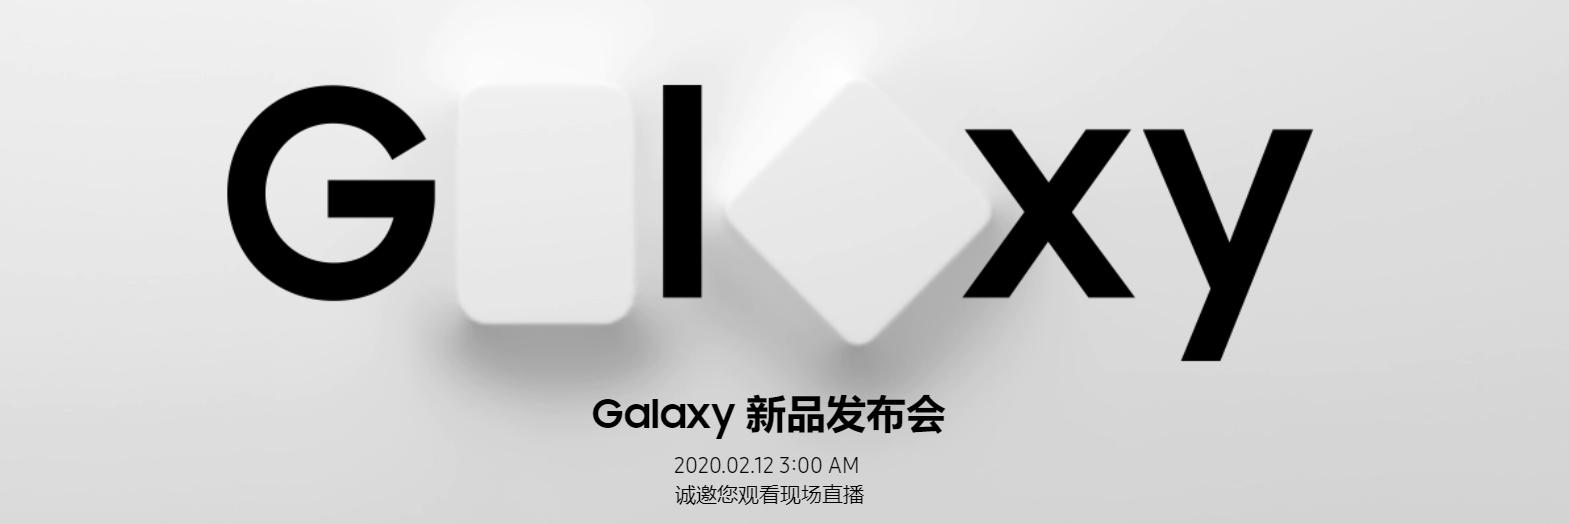 """伸博亚洲:三星Galaxy S20颁布会官宣:2月12日3点见证""""未来外形"""""""